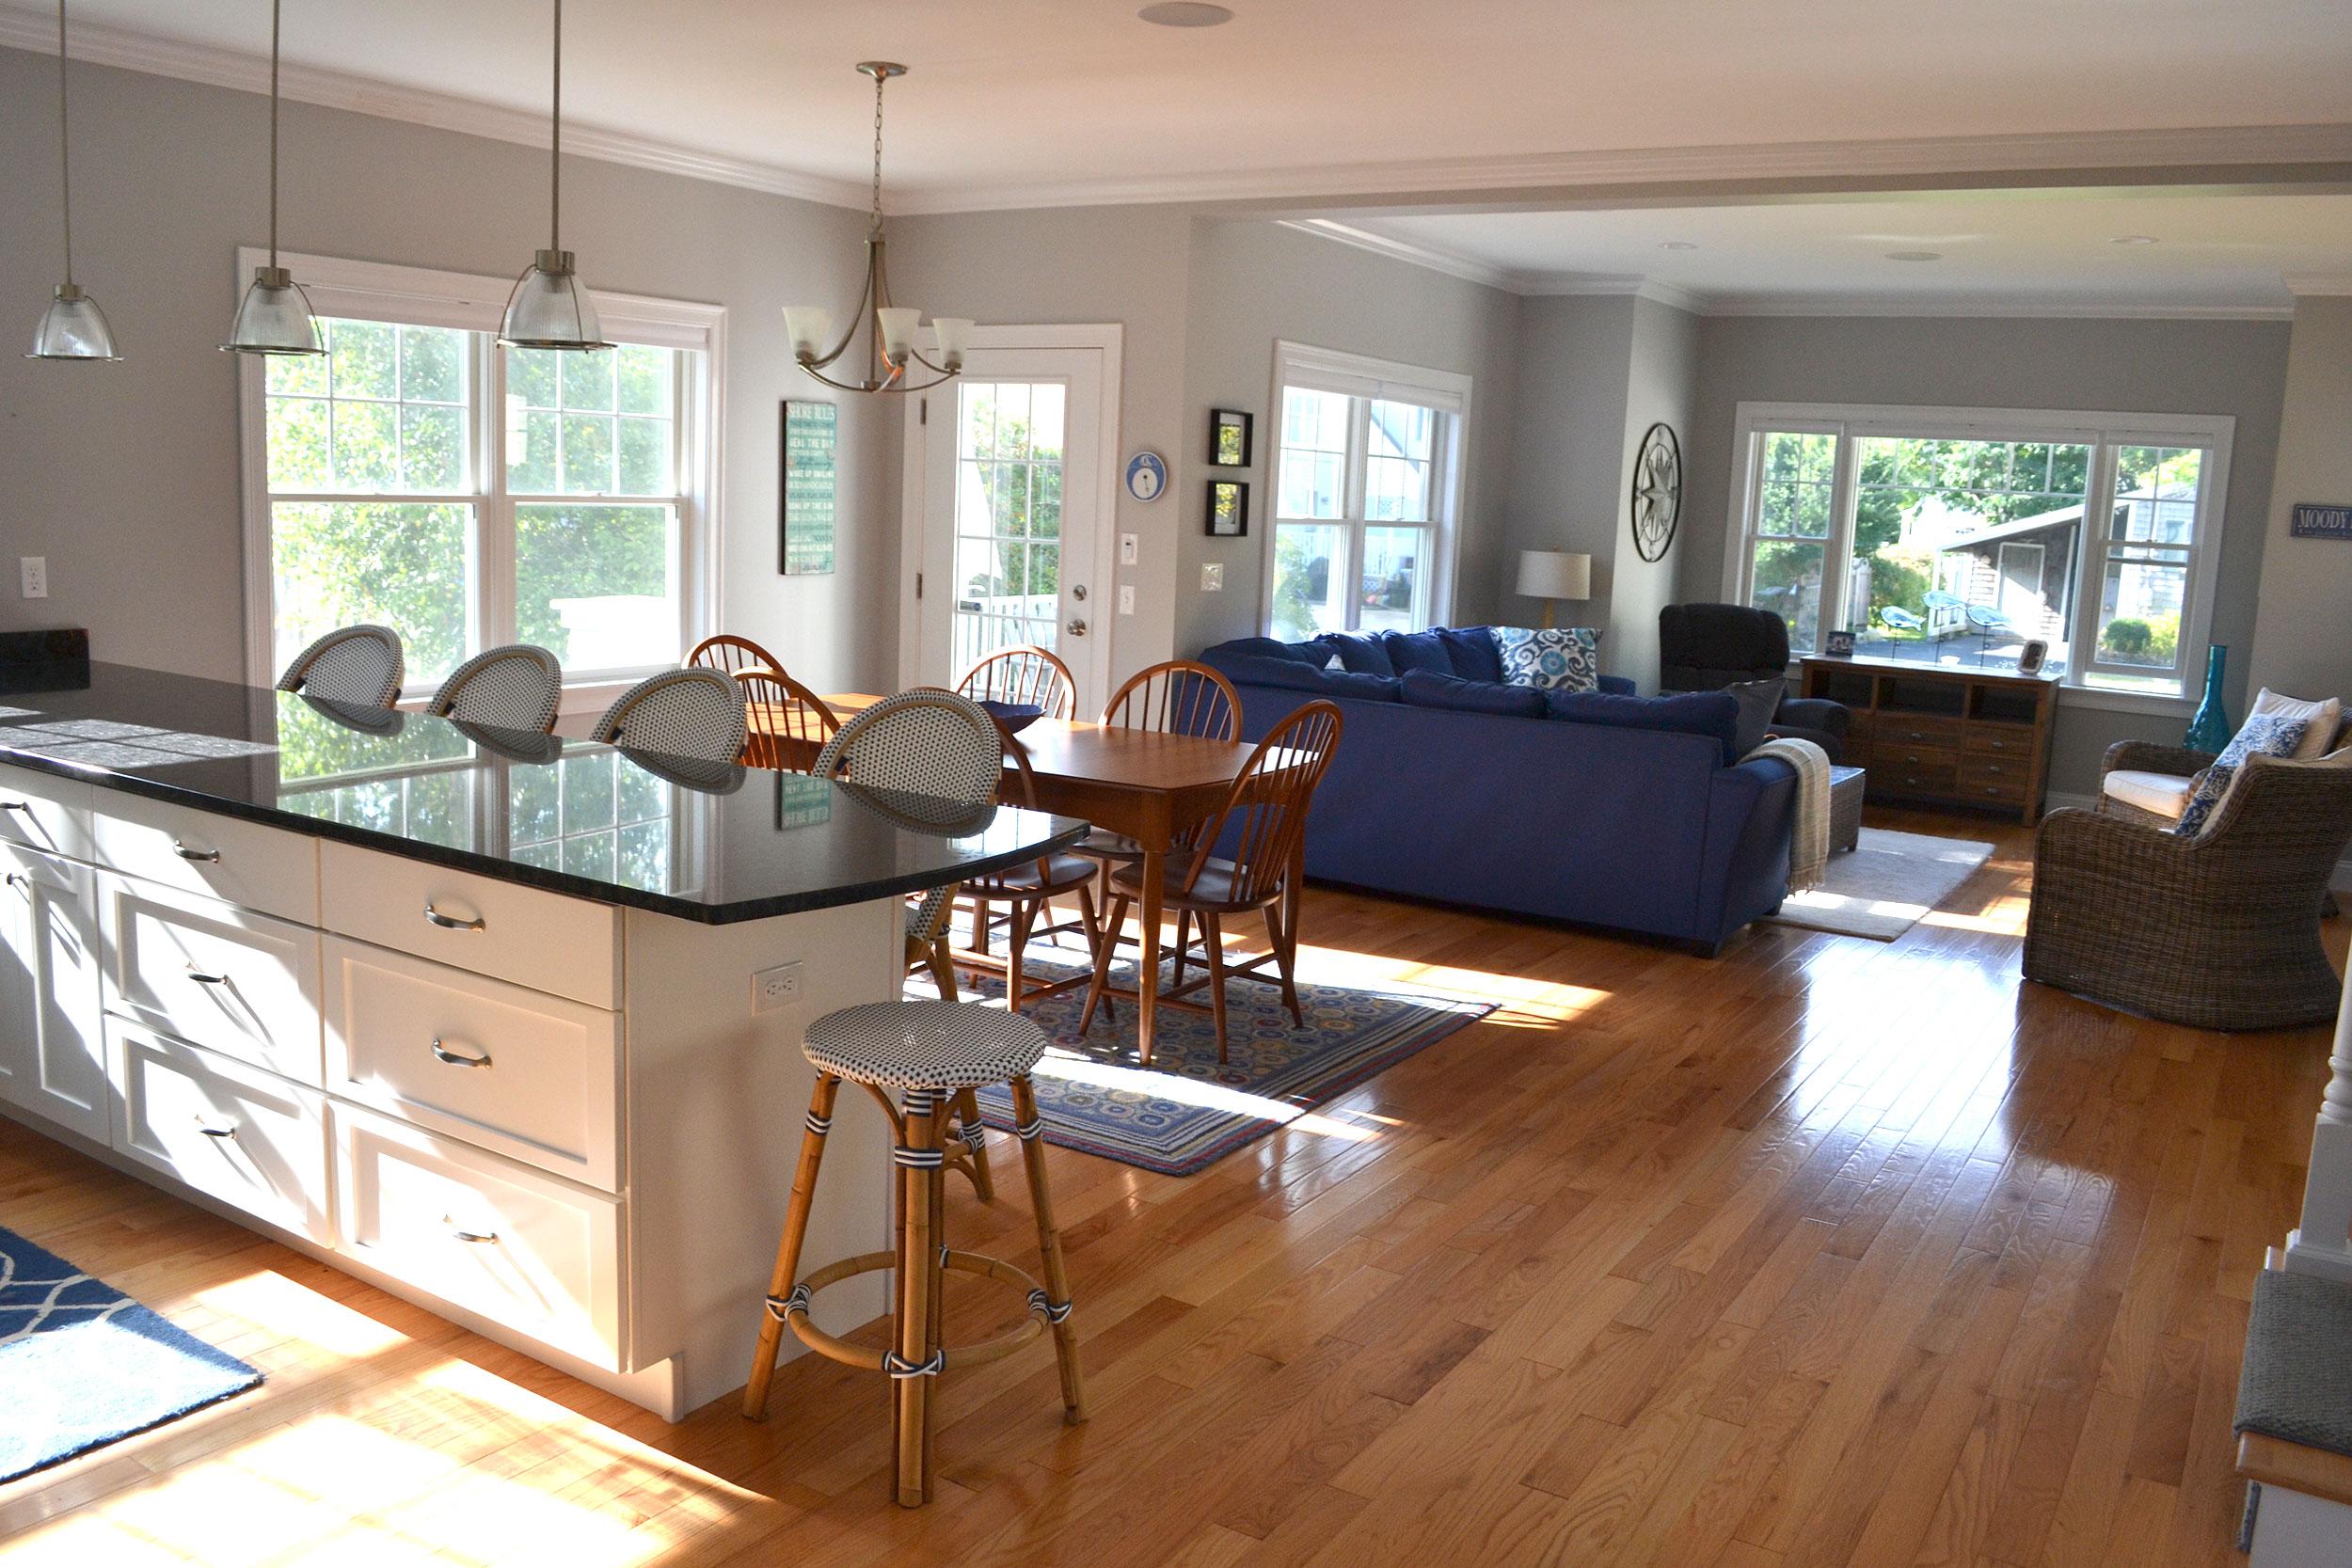 11-from-kitchen.jpg